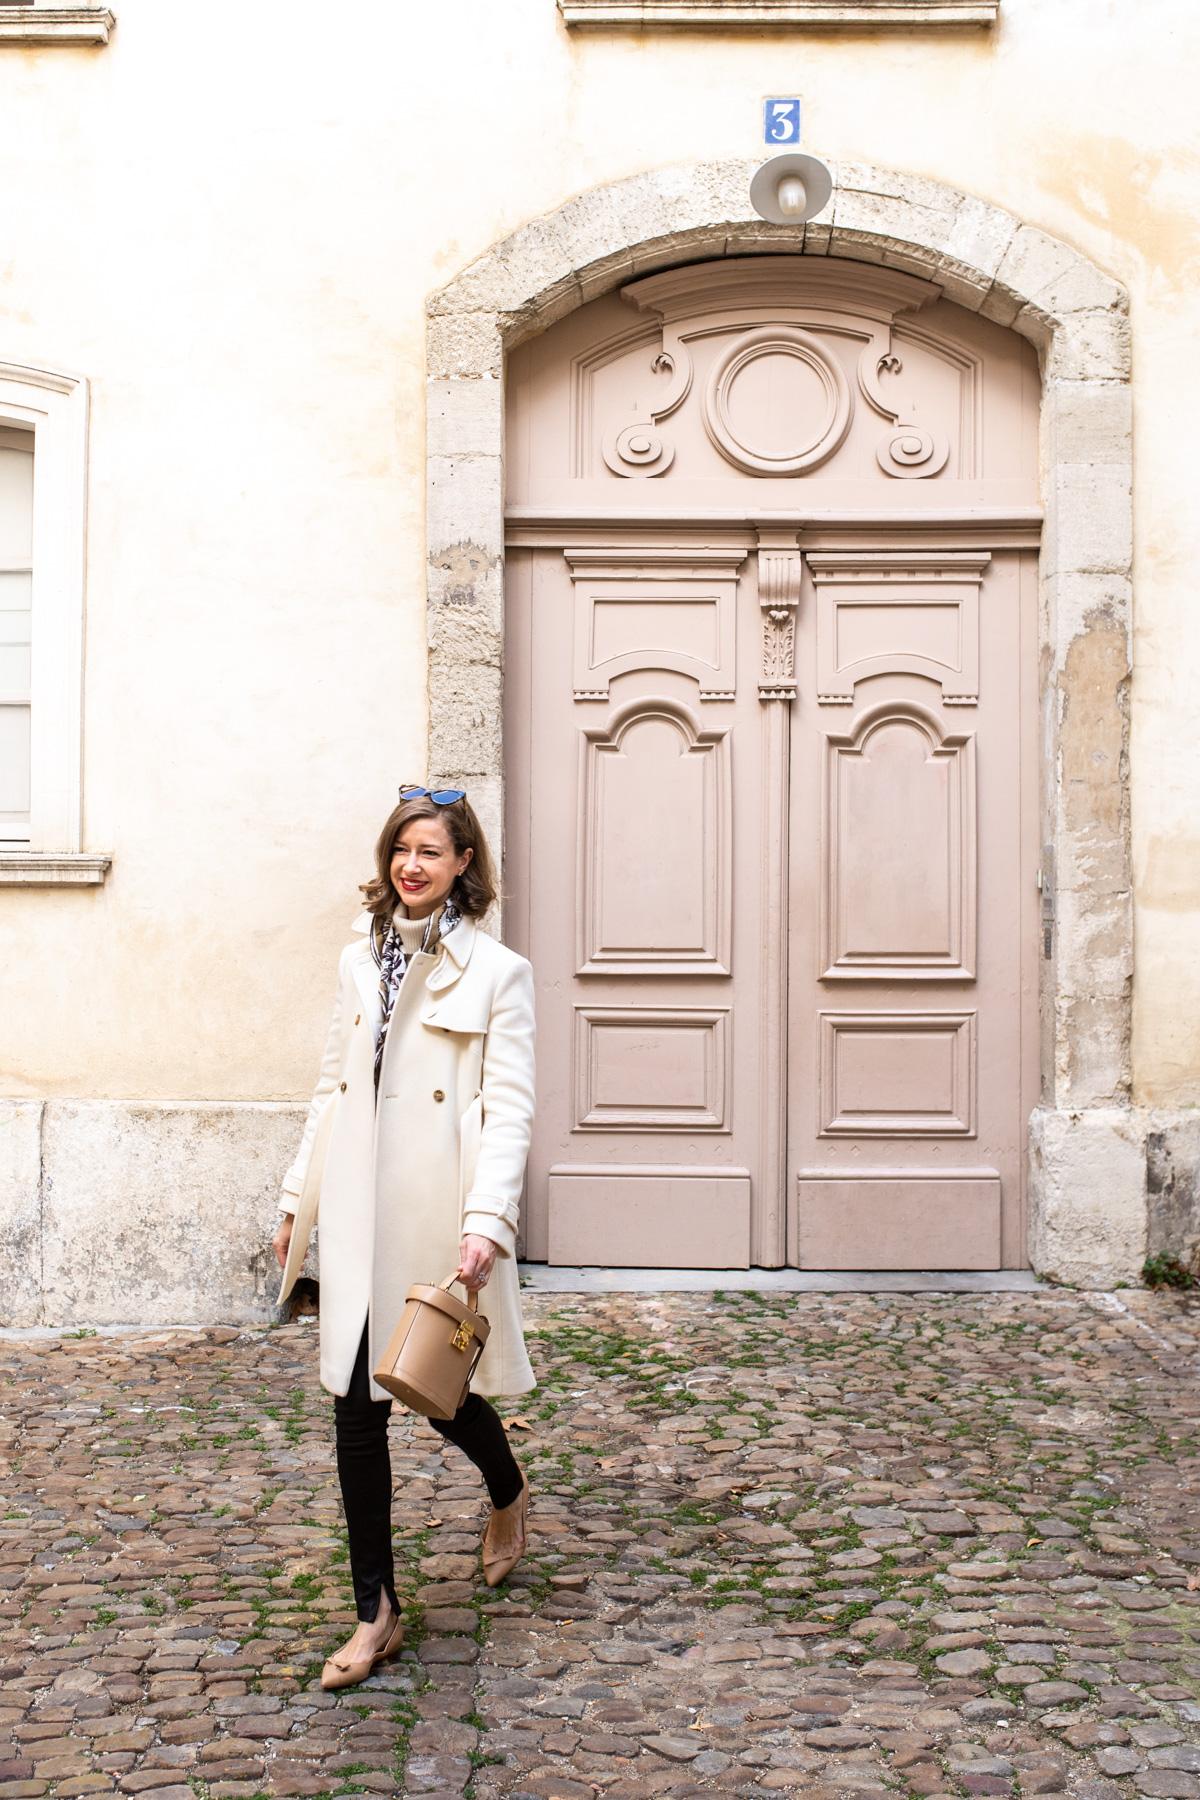 Stacie Flinner Guide to Avignon%2C France-30.jpg